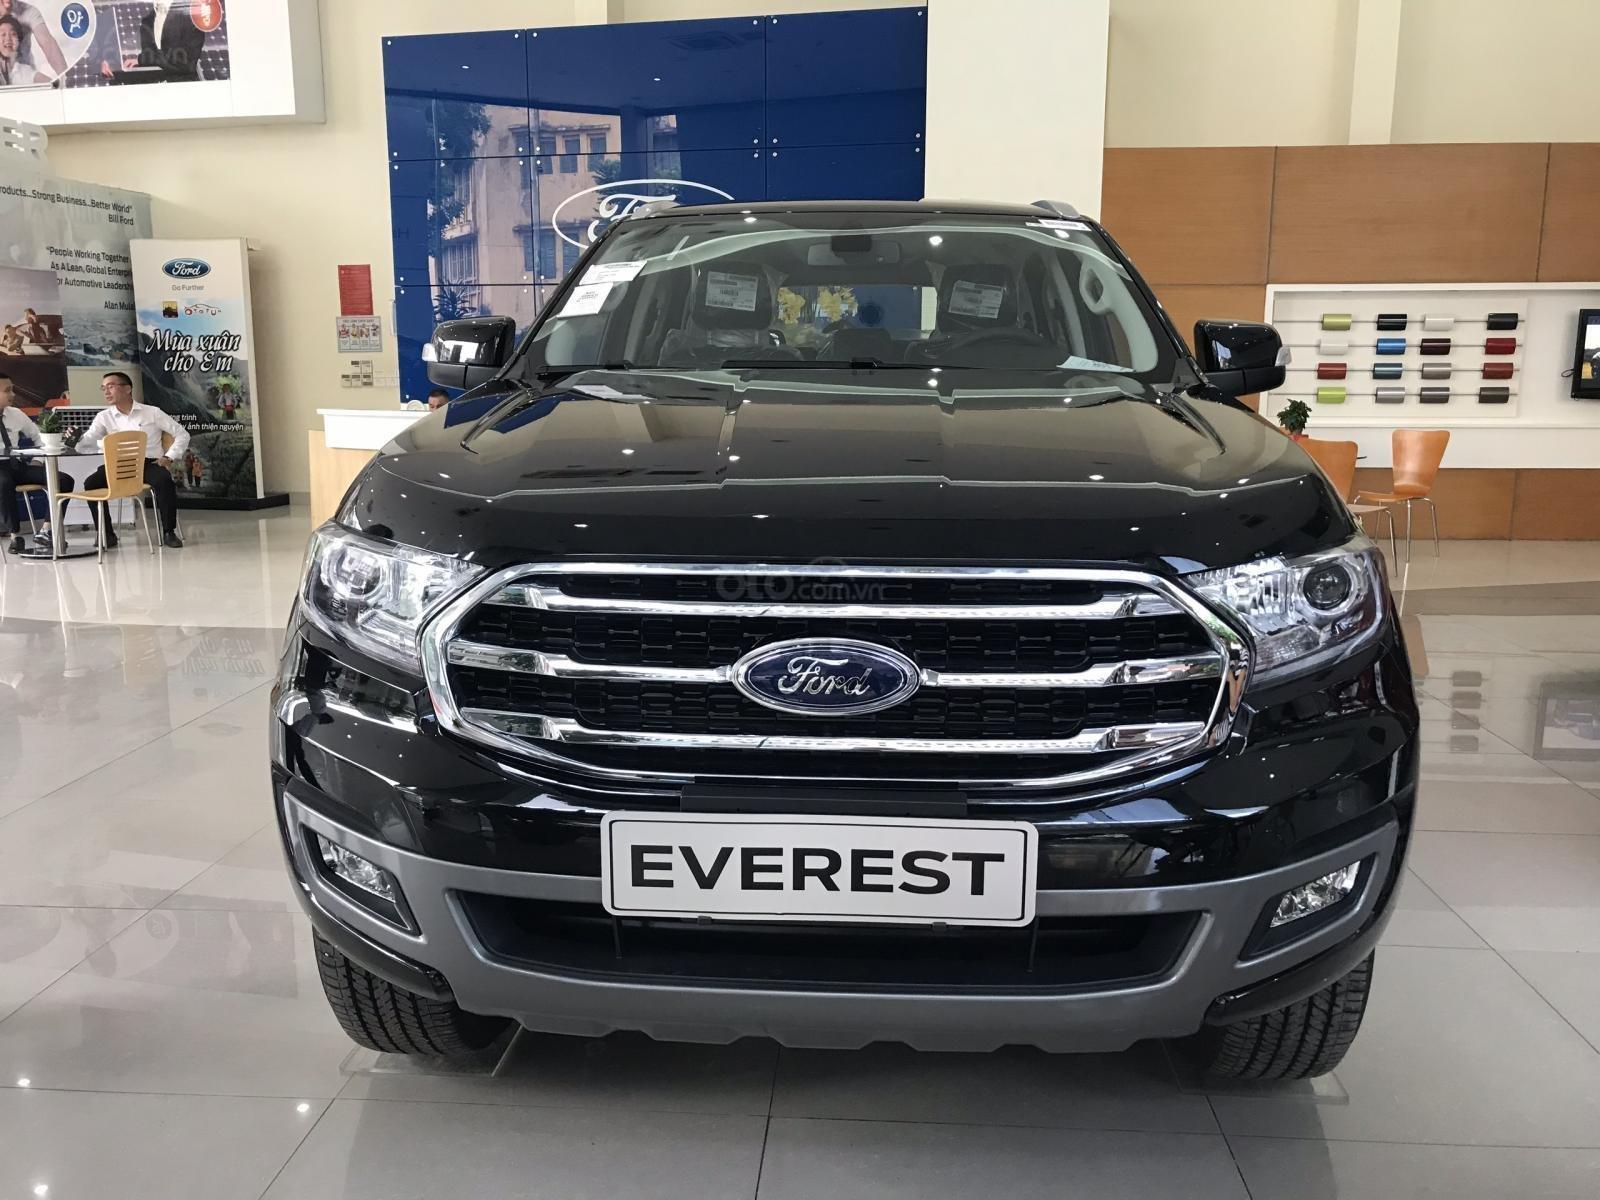 Giá xe Ford Everest 2019 tại đại lý giảm sâu - Ảnh 3.